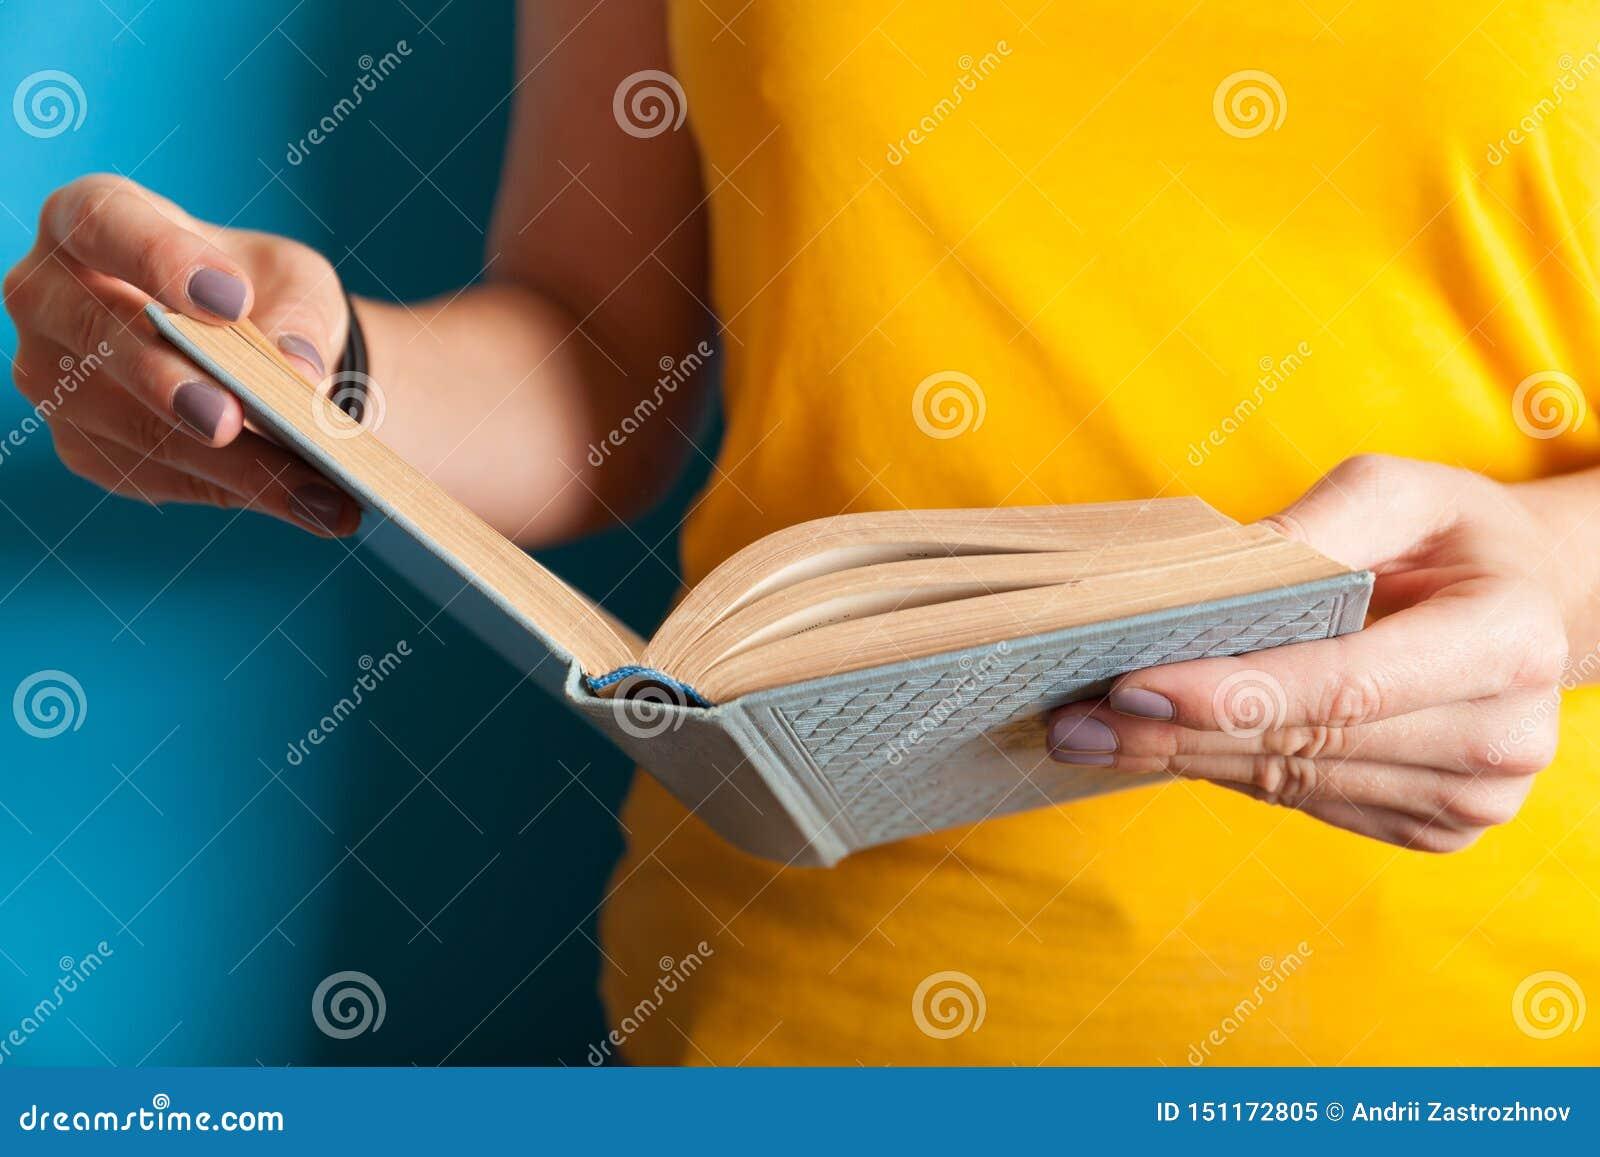 Student lernen Buch, jungen klugen Verstand Gelesenes Buchkonzept